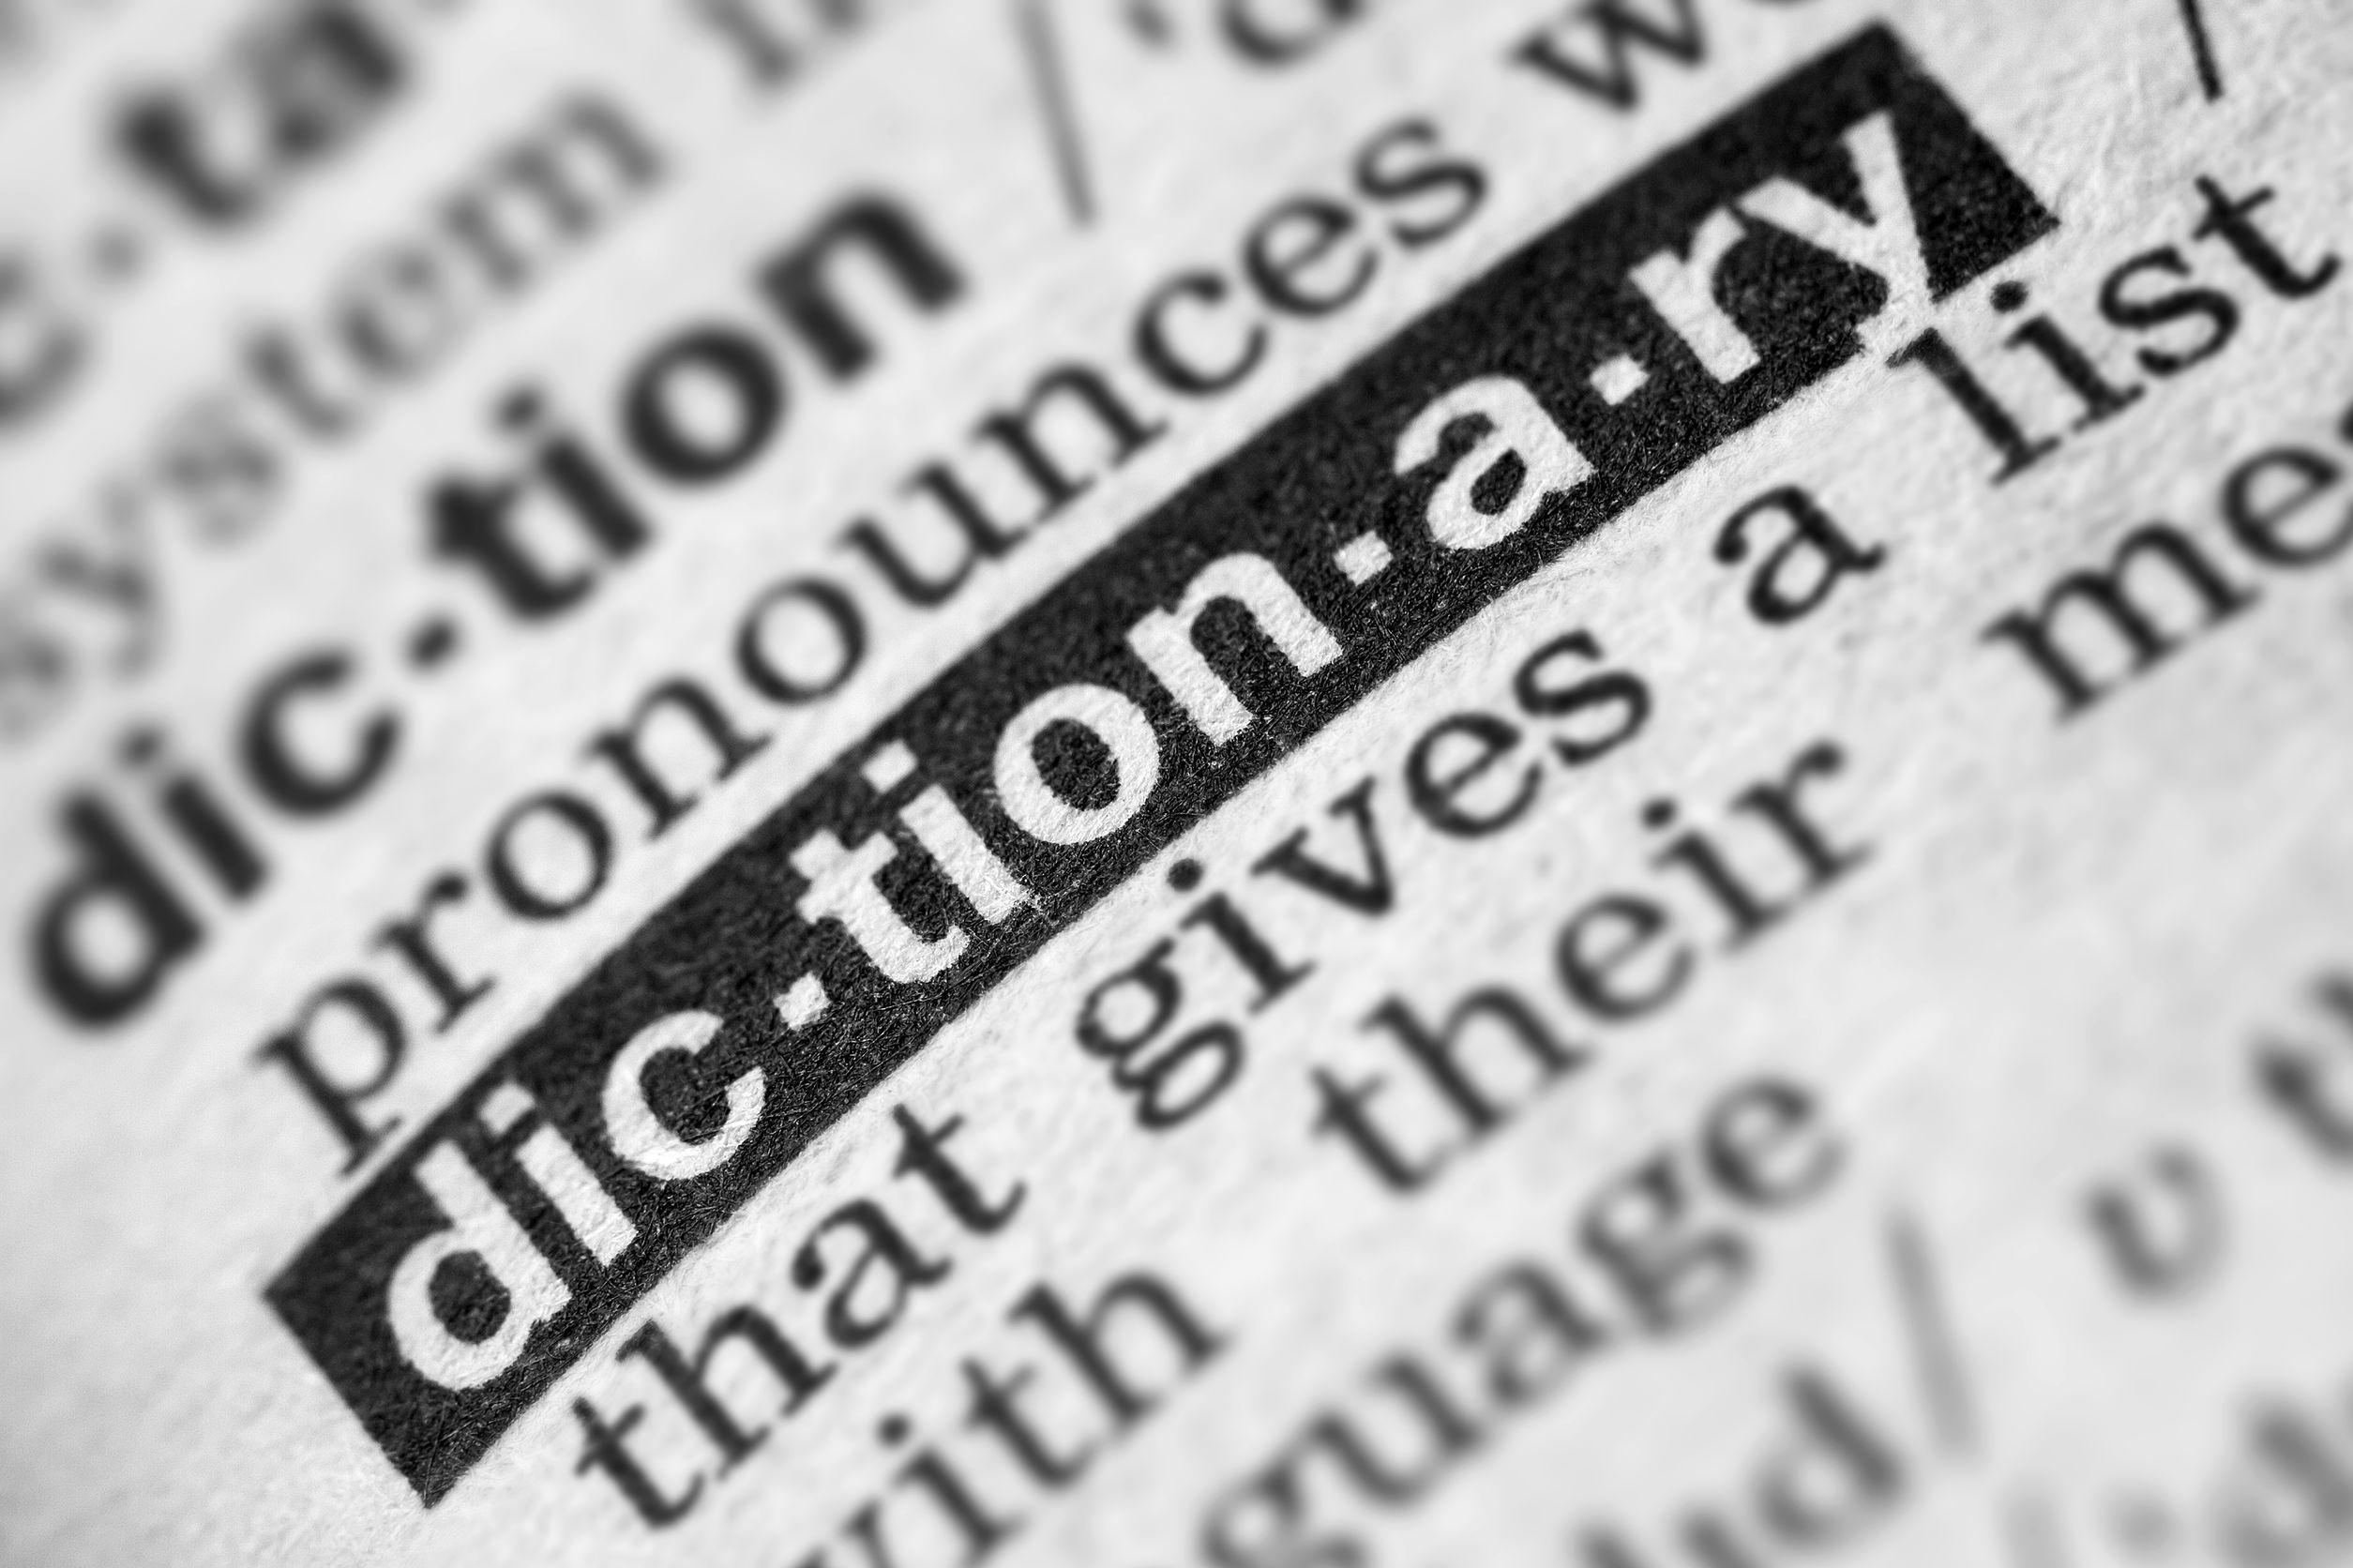 ¿Cómo se clasifican los diccionarios?